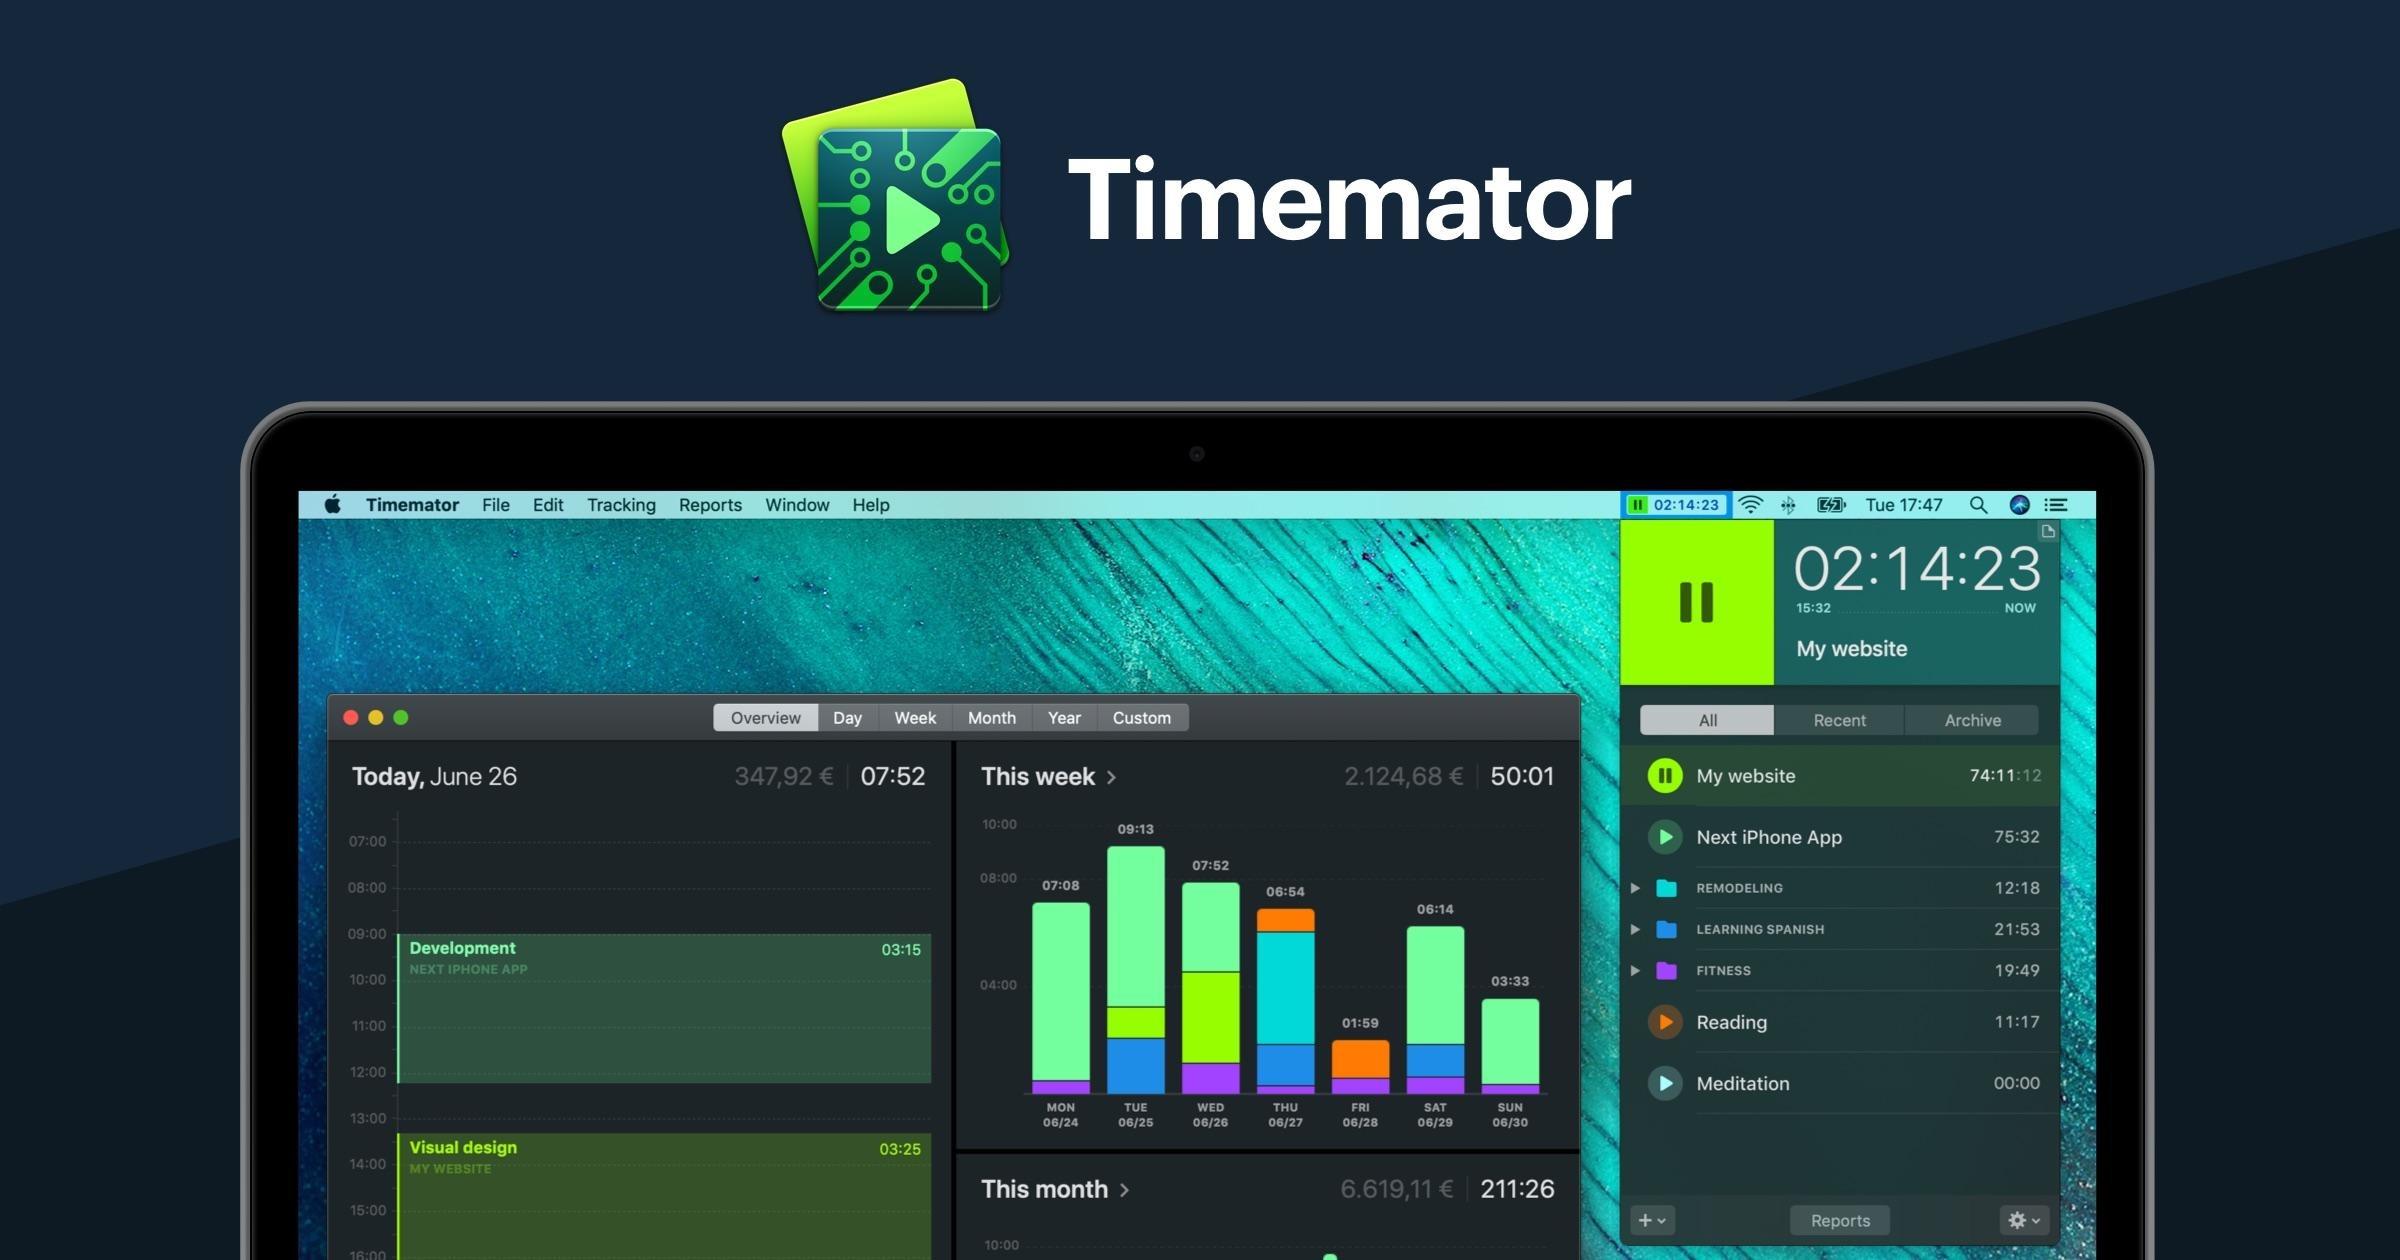 Timemator